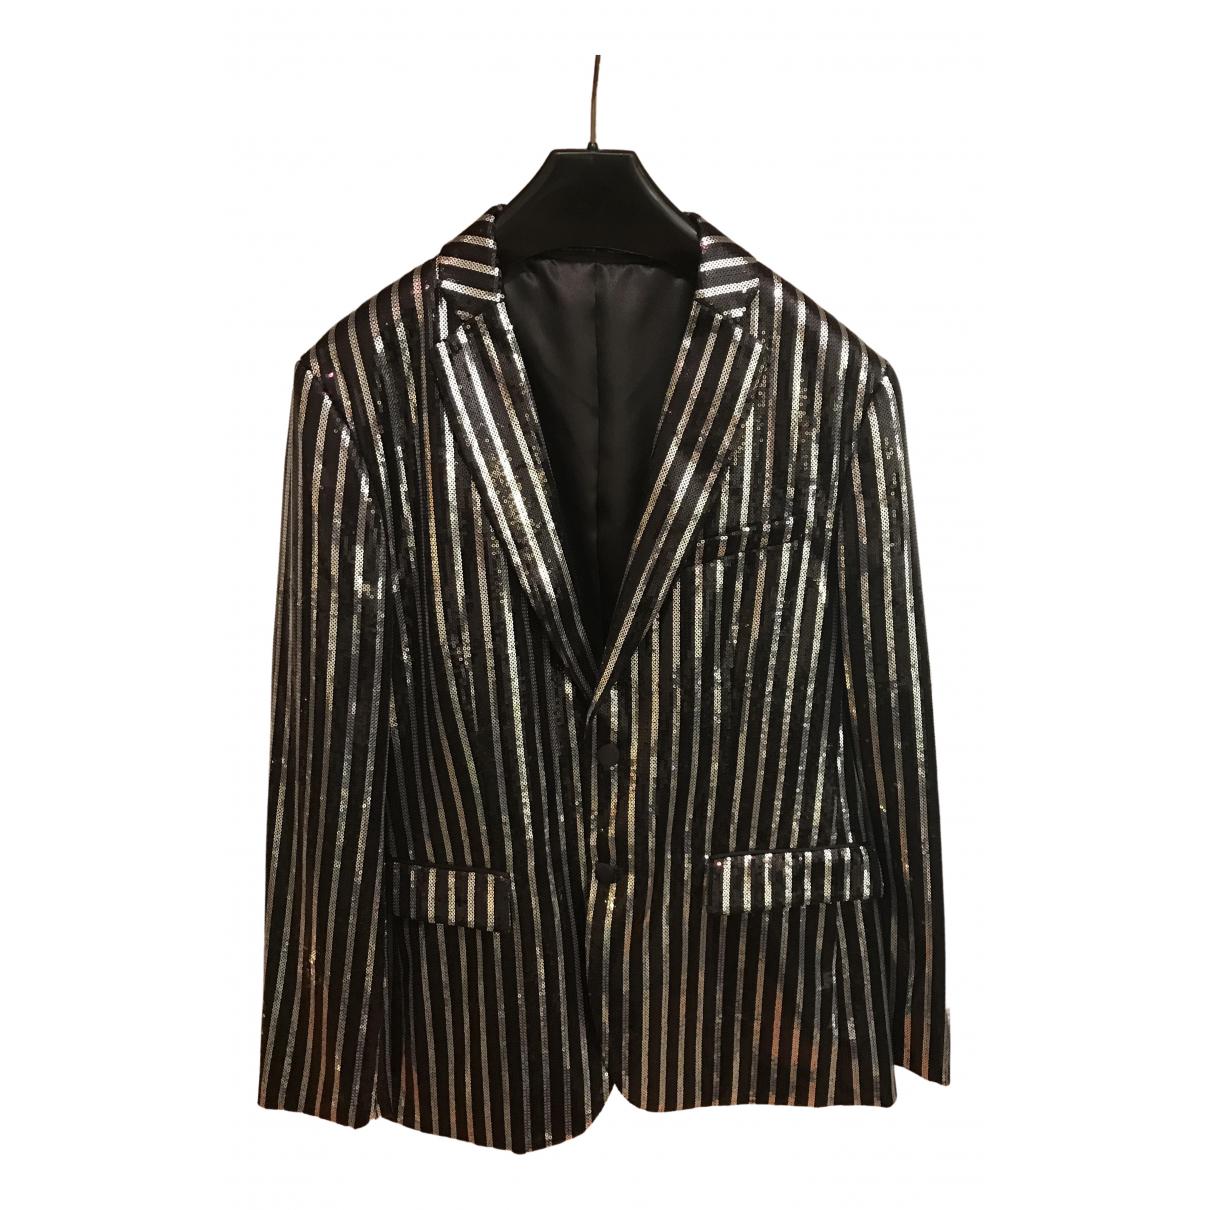 Zara - Vestes.Blousons   pour homme en a paillettes - gris